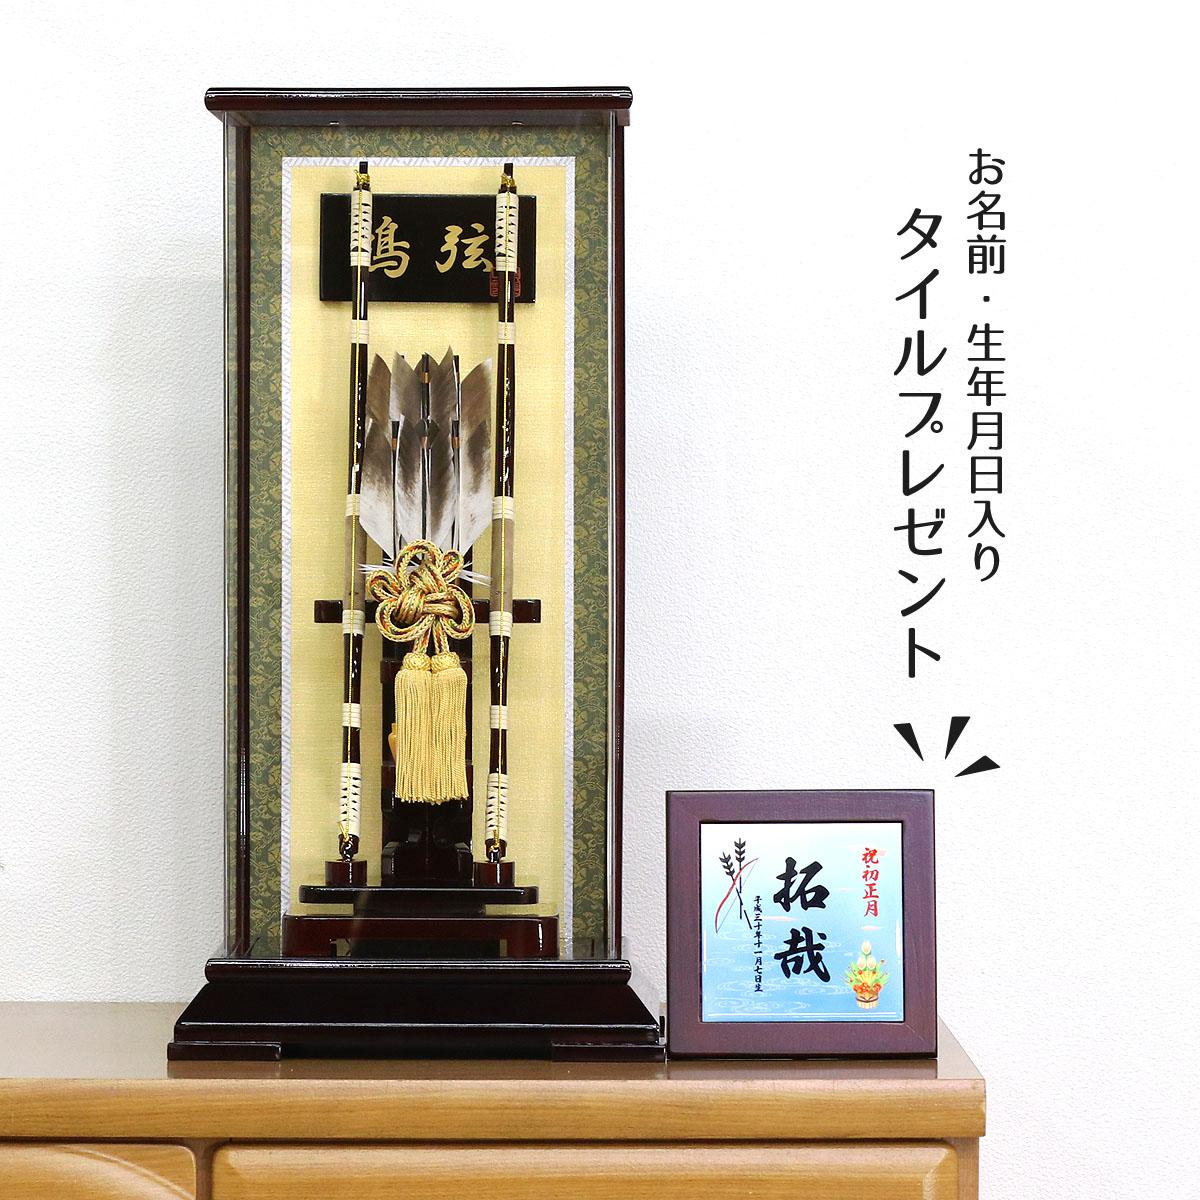 破魔弓 ケース飾り 18号 鳴弦(めいげん) 溜塗り アクリルケース HMBK-31M-38 初正月 破魔矢 (はまや)